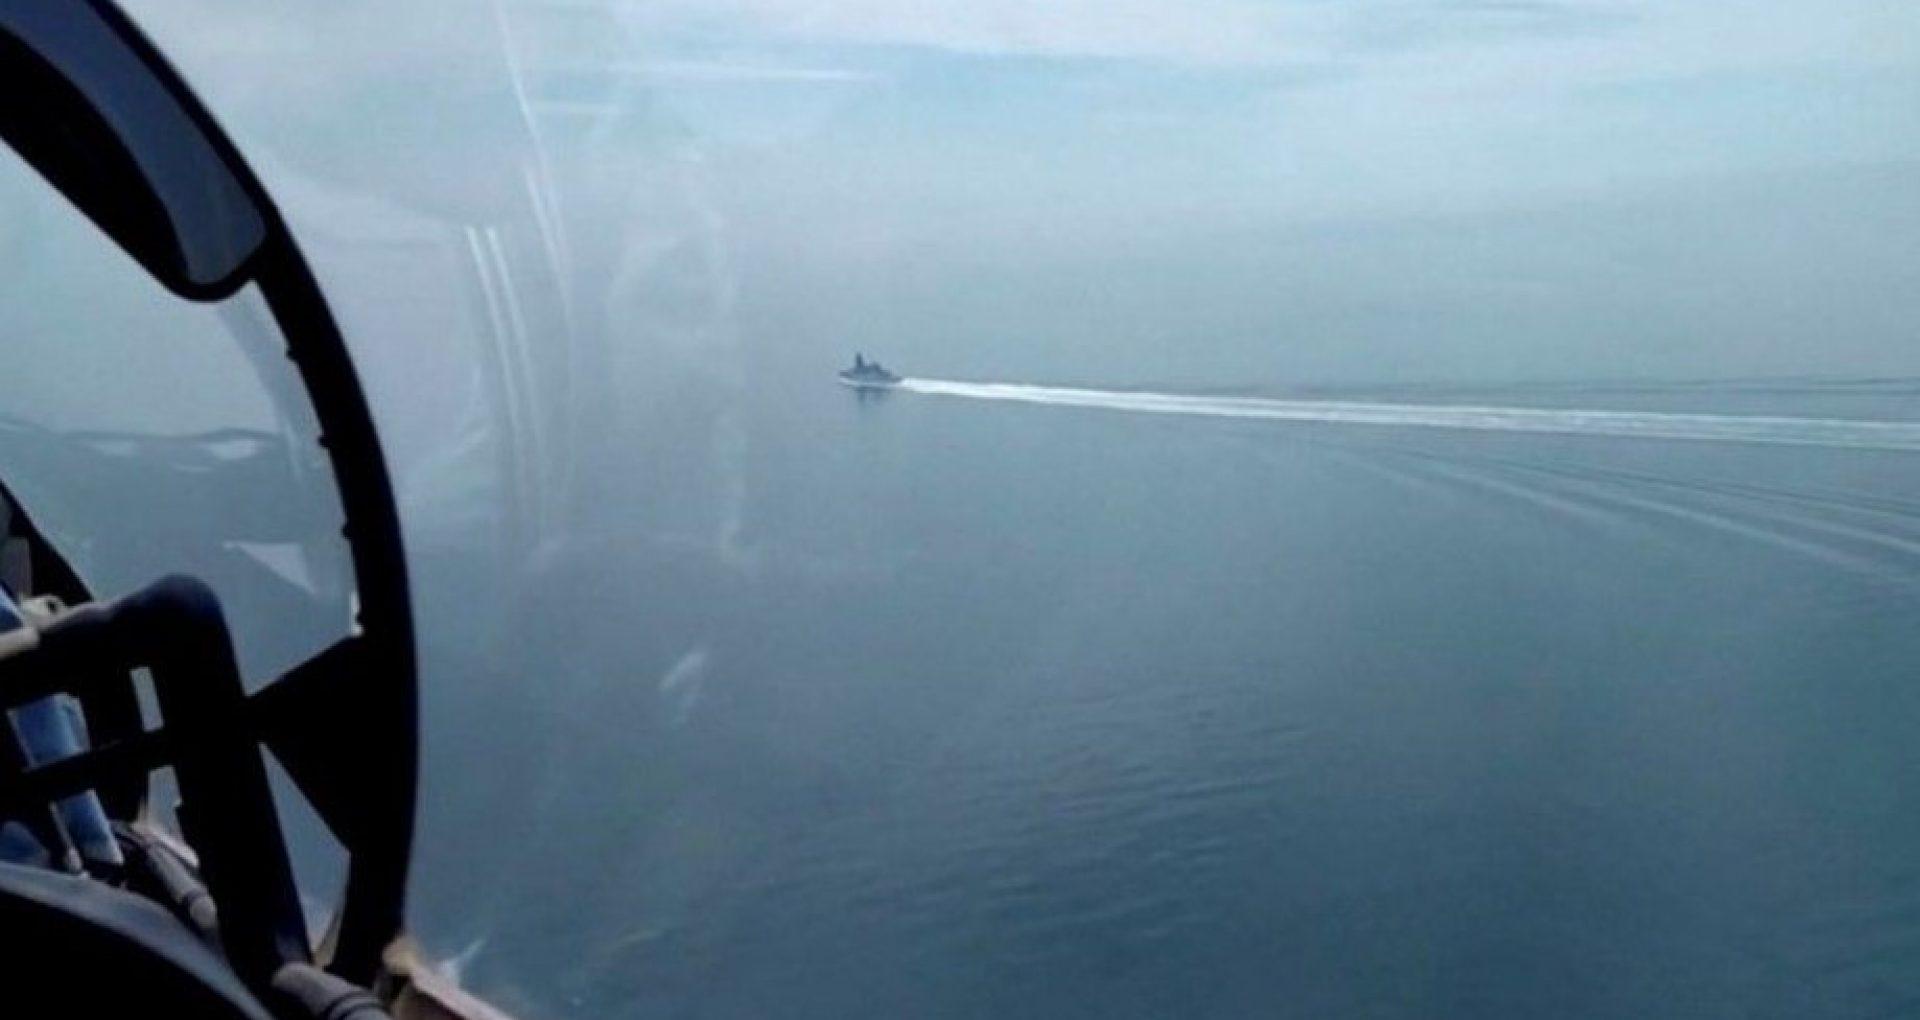 """Un jurnalist BBC aflat la bordul navei Defender dezvăluie detalii despre incidentul din Marea Neagră: """"Vasul de război a fost survolat de mai mult de 20 de avioane rusești"""""""